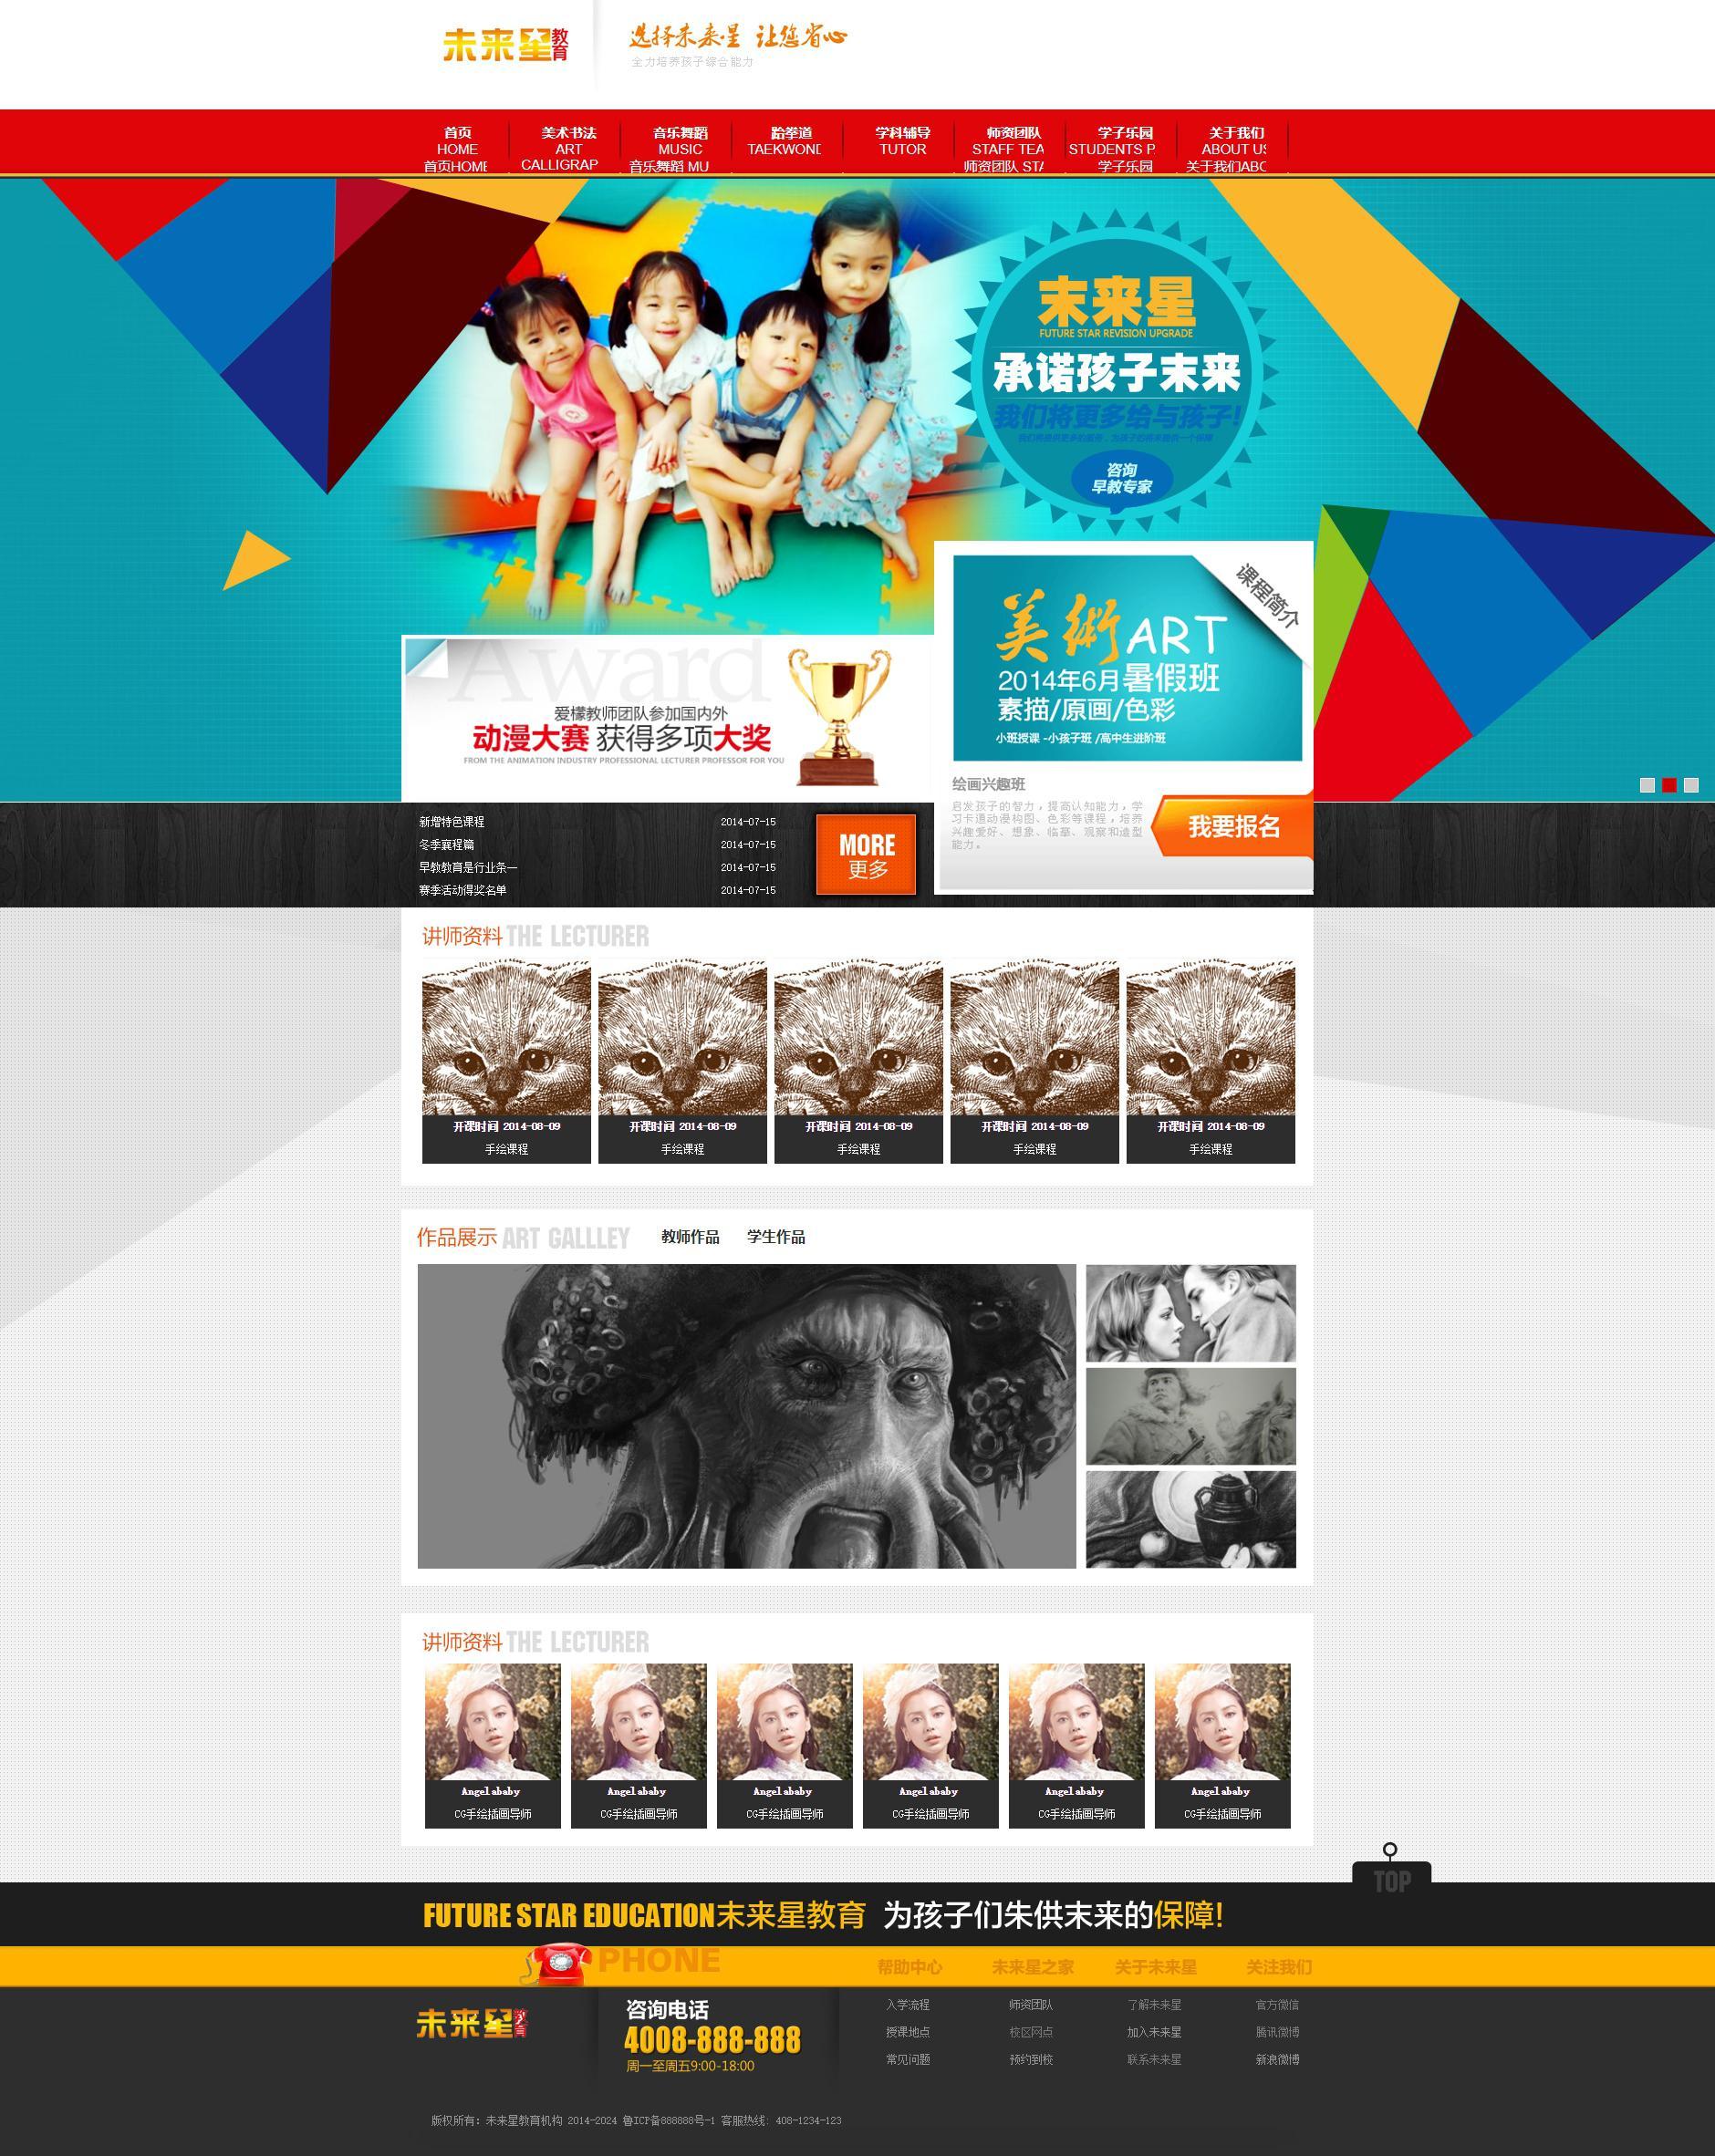 橙色的小学教育网站全套html模板下载